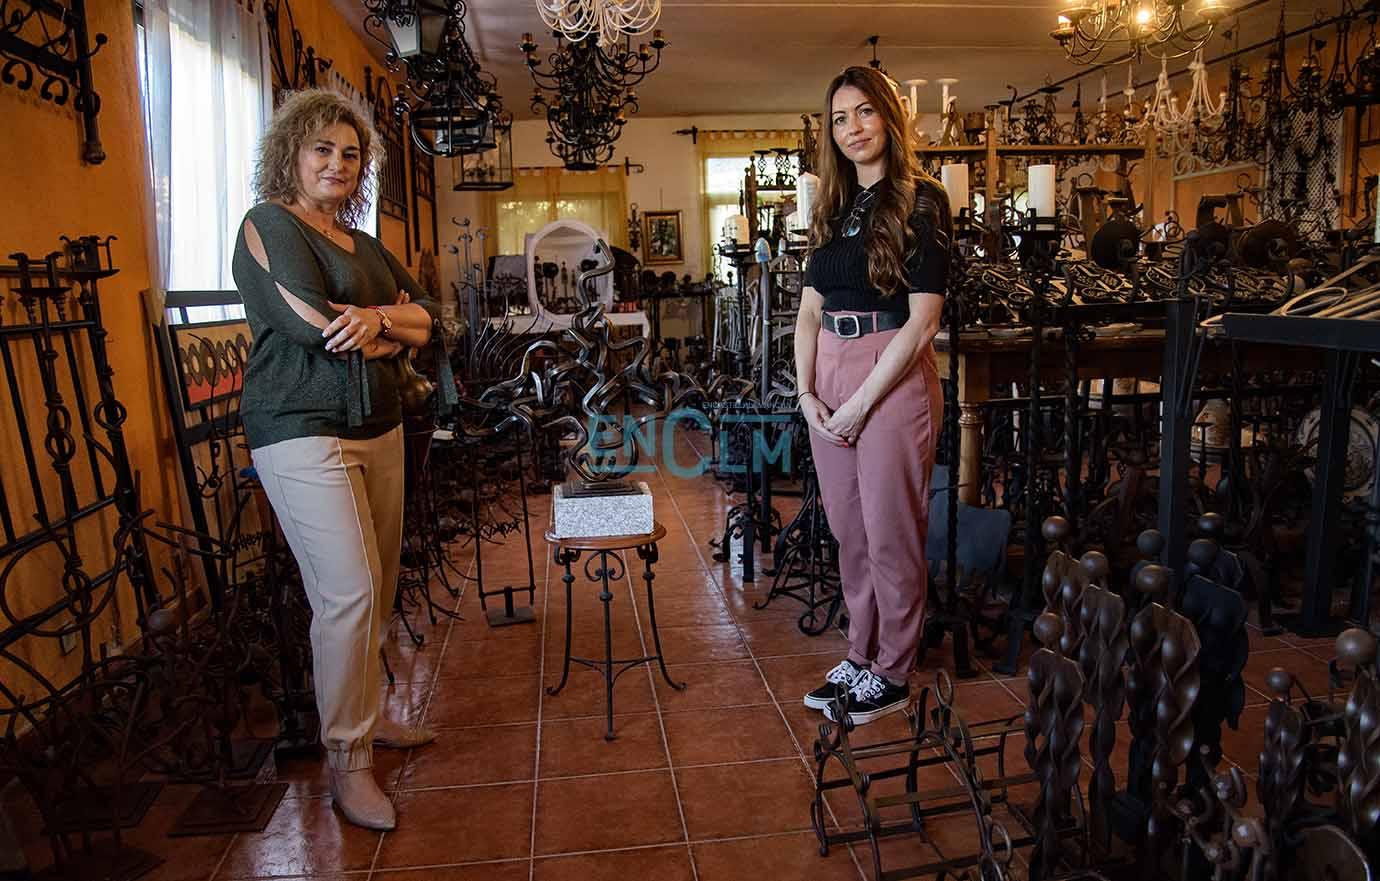 Cristina Cebas, alcaldesa de Alcaudete de la Jara (Toledo) y diputada provincial de Educación y Cultura; junto a Elena Martín, hija de Nono. Foto: Rebeca Arango.